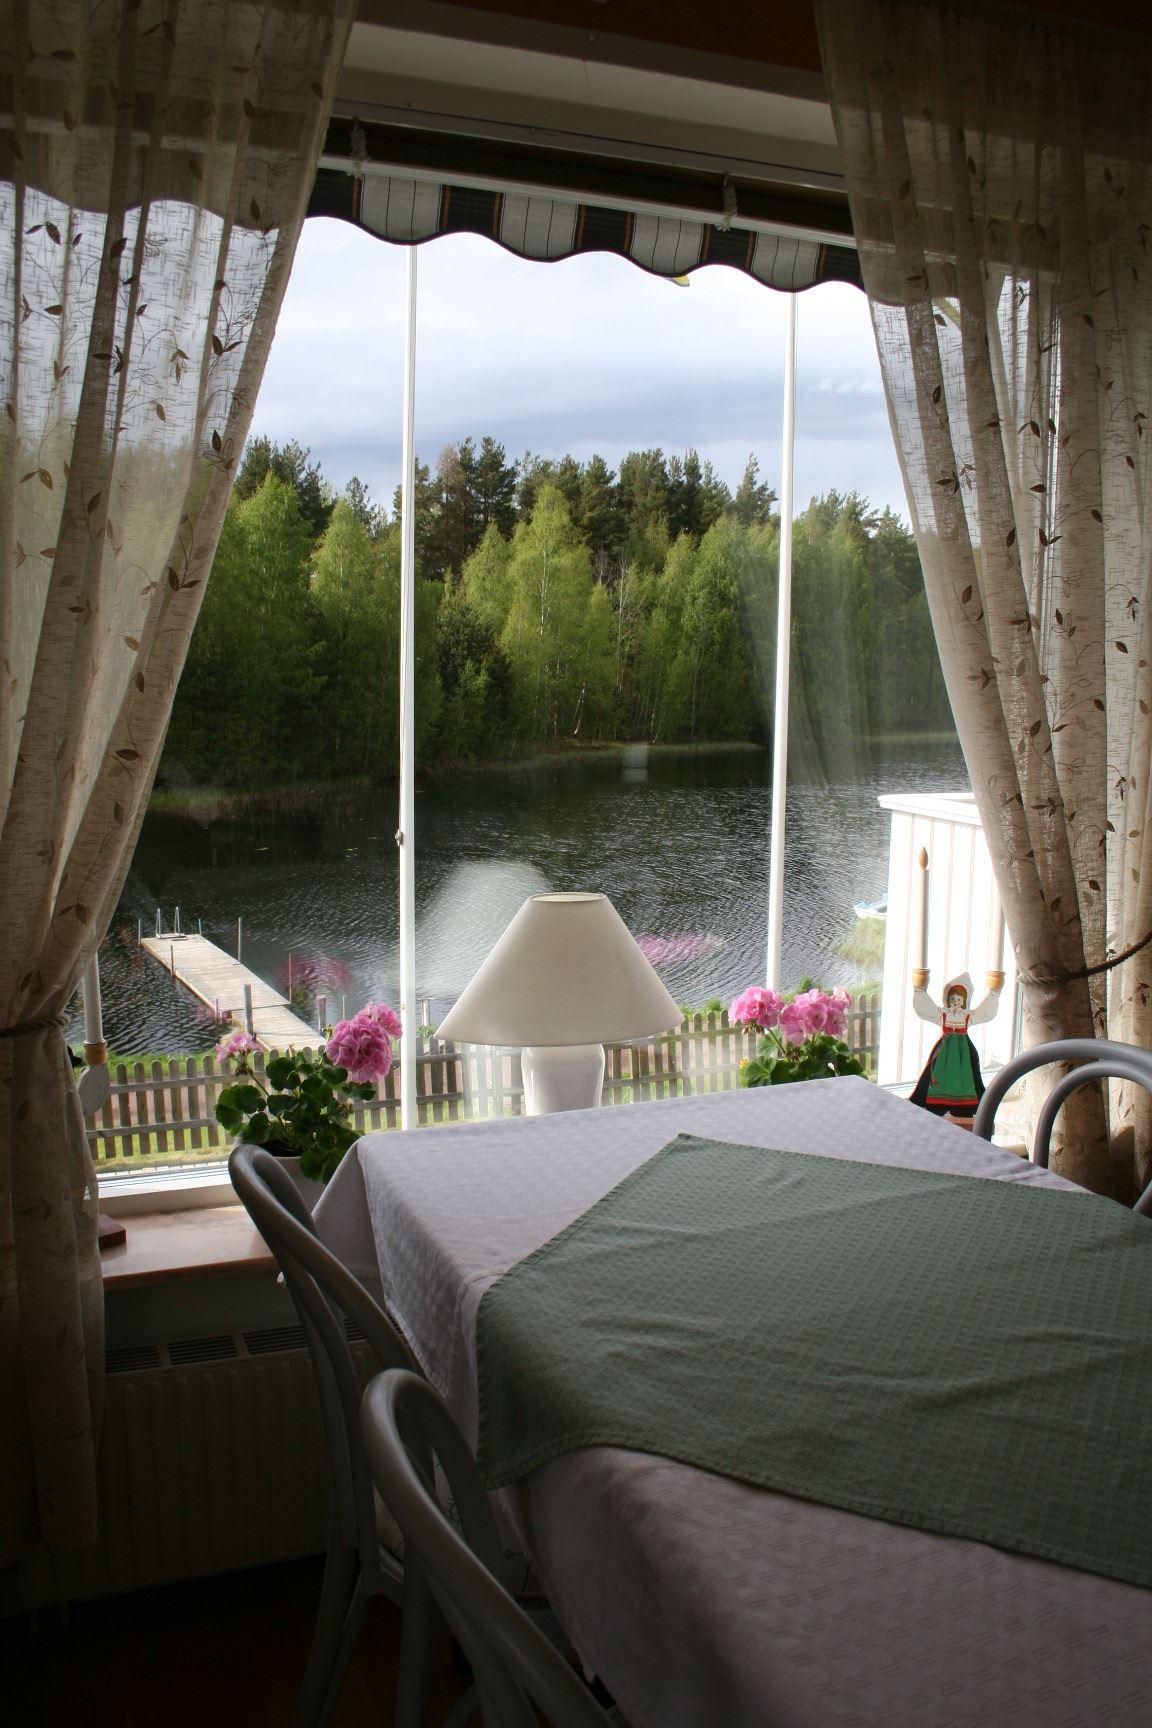 Hotel Strandvillan, Orsa